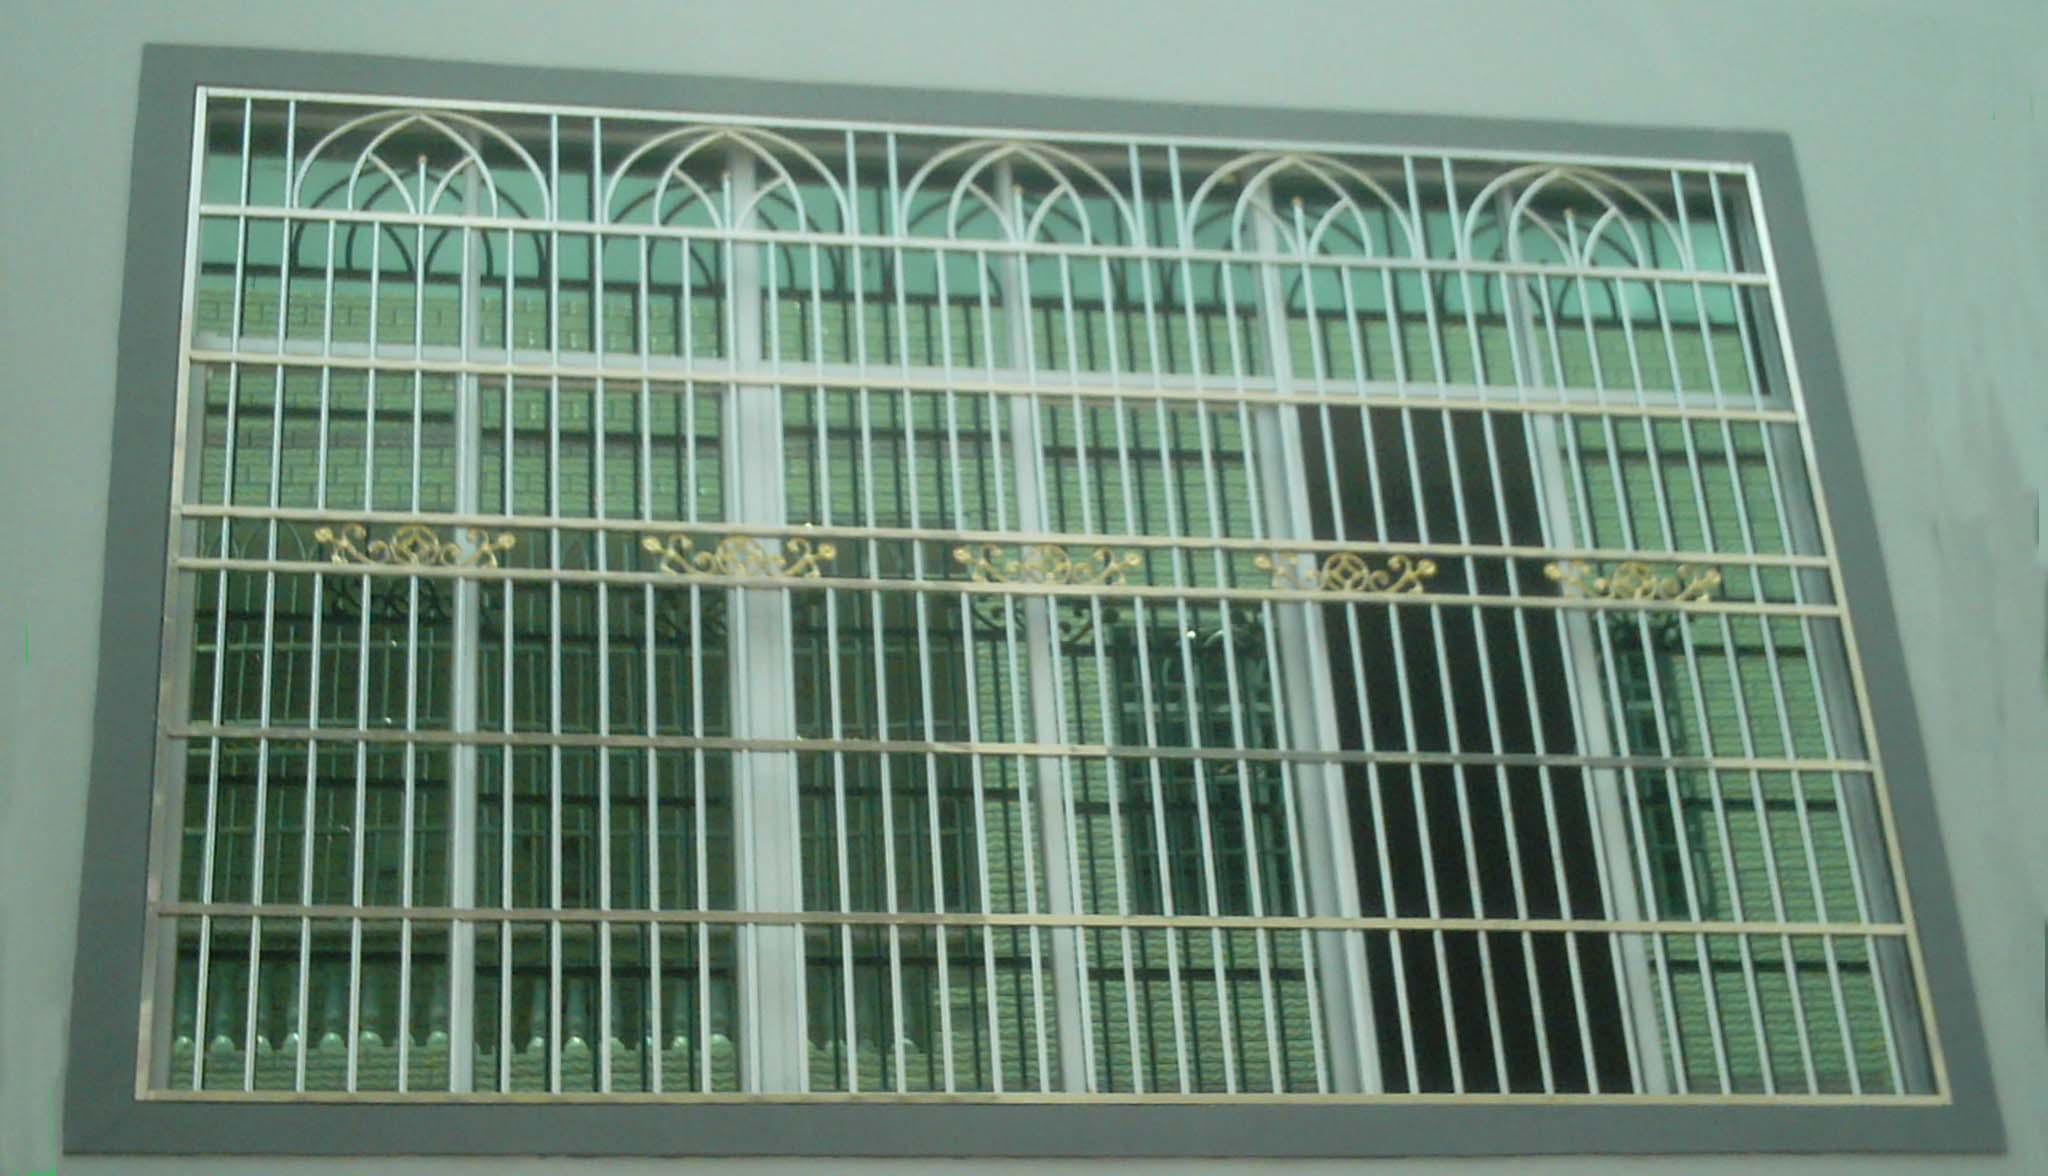 海南三鼎有十年的装璜设计建筑施工经验,拥有经验丰富的项目施工管理团队、全面的建筑施工队伍,两个专门加不锈钢、铁艺、最新款铝合金防蚊纱窗、铝合金、等厂房。无论是建房还是装璜,三鼎将是你最明智的选择,只有更全面的更全方位的服务才能做得最好! 选择三鼎 = 安心 + 放心 + 宽心 因有时候业务繁忙,办工室不一定有人,如果联系我们请拨打电话。